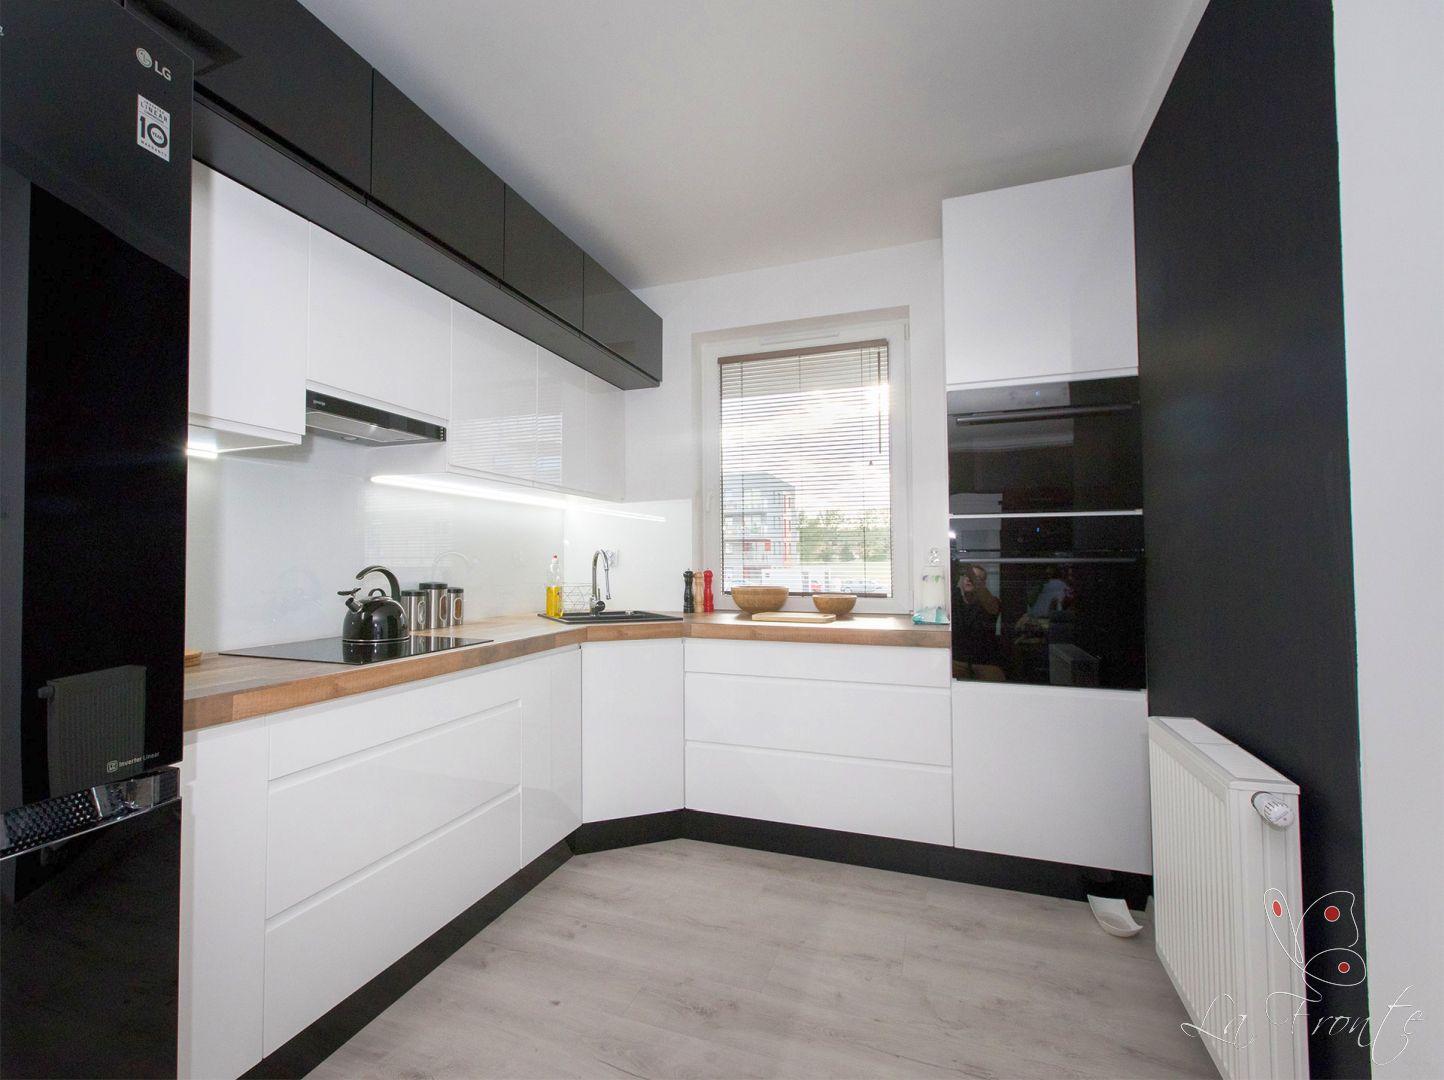 LaFronte kuchnie 077